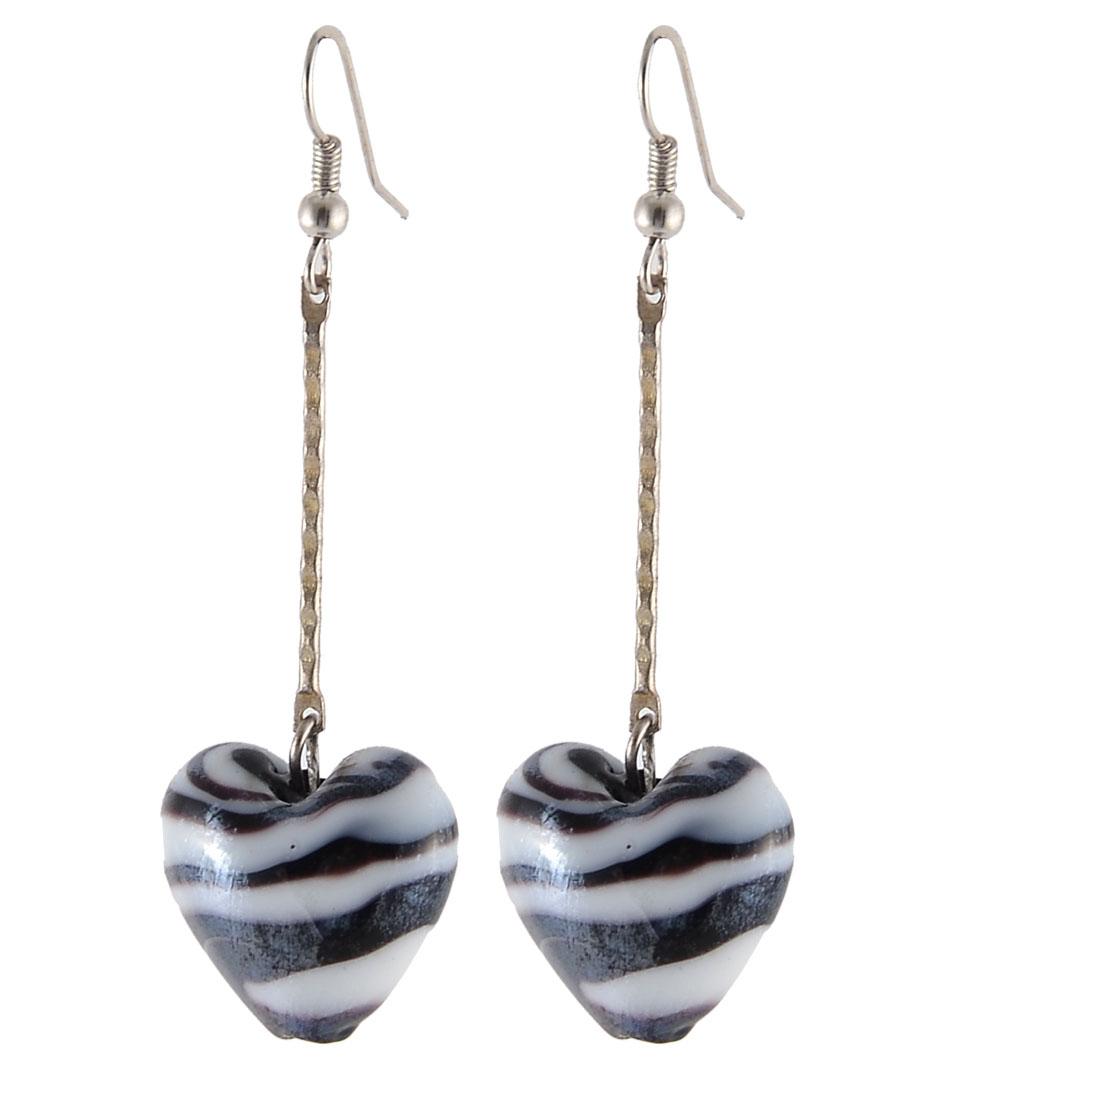 Women Ornament Glass Bead Heart Shape Handcraft Earring Decor Black White Pair